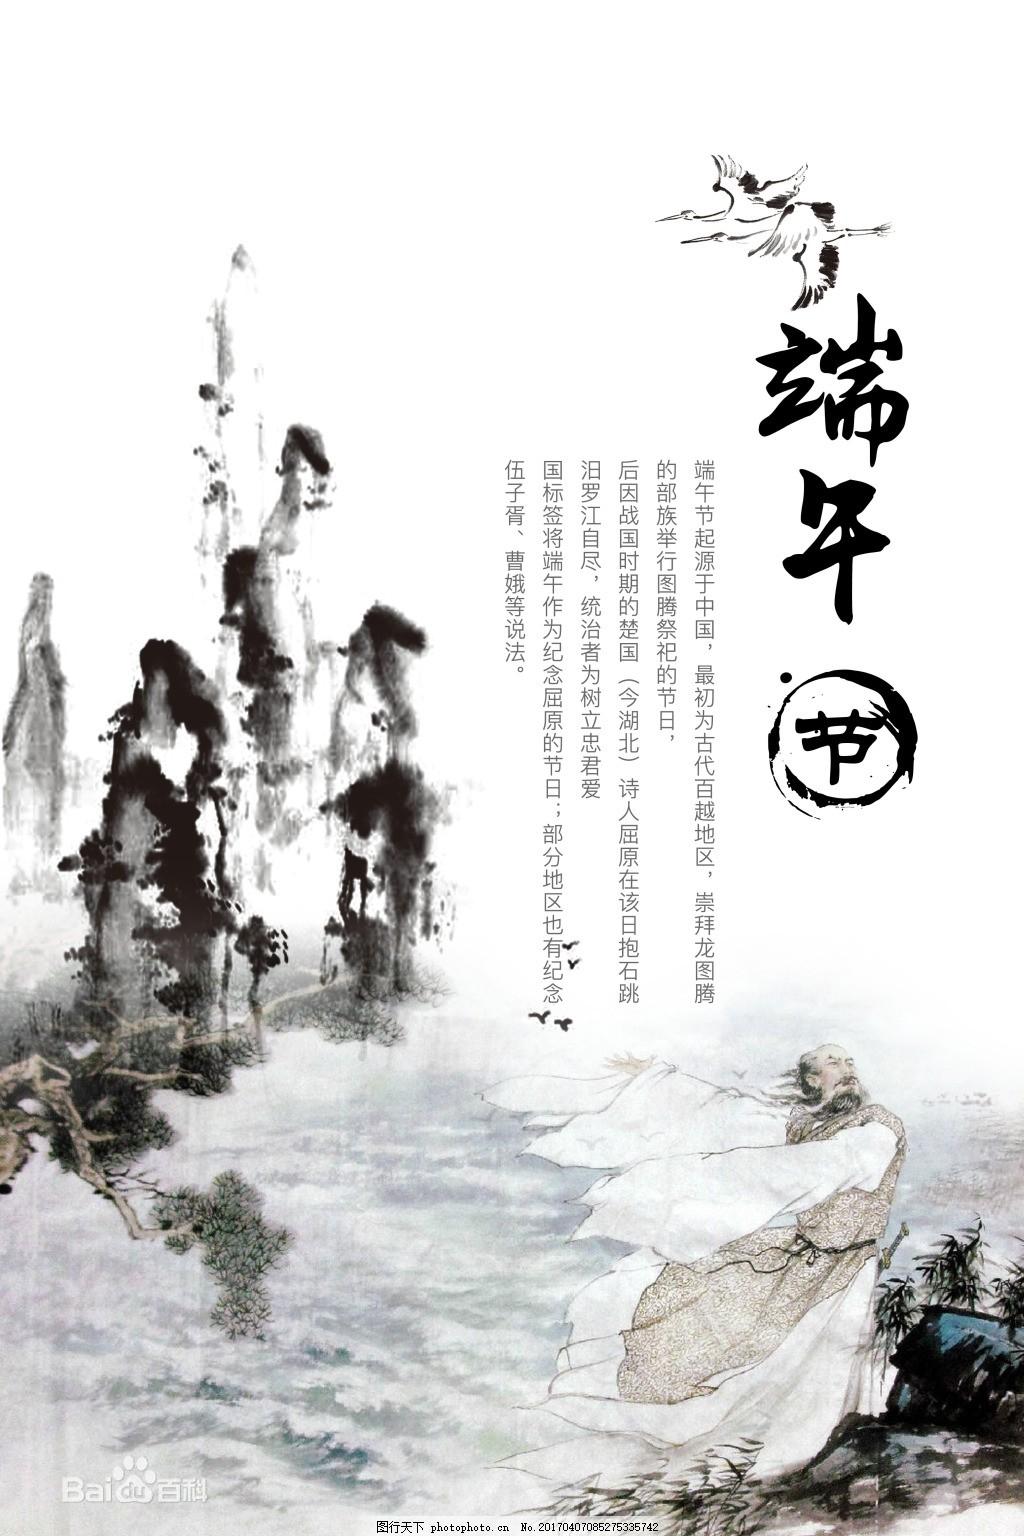 端午节3 端午节 海报 古风 中国风 黑白 屈原 山水